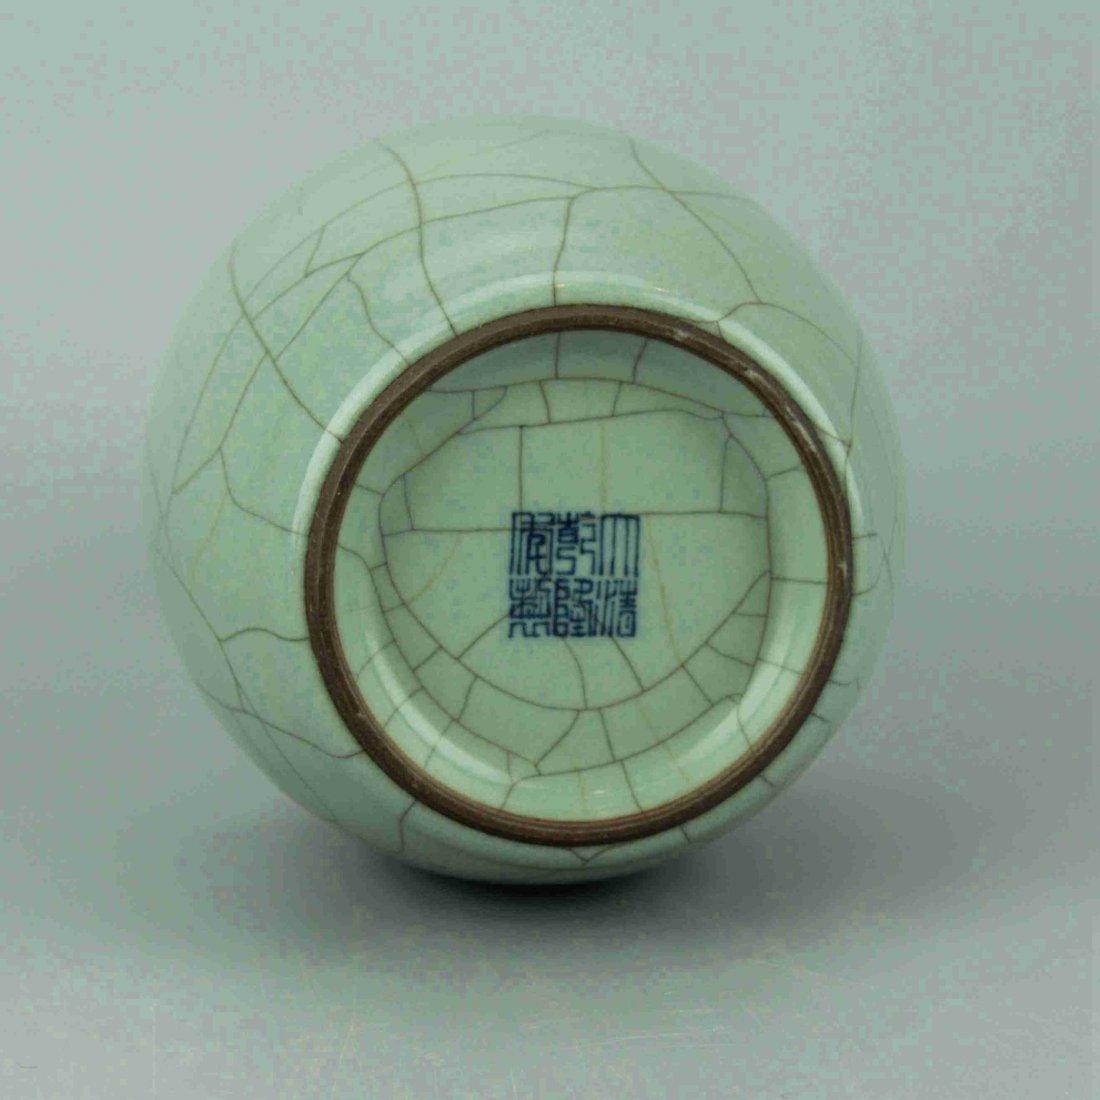 Chinese Crackle Celadon Glaze Porcelain Vase - 2